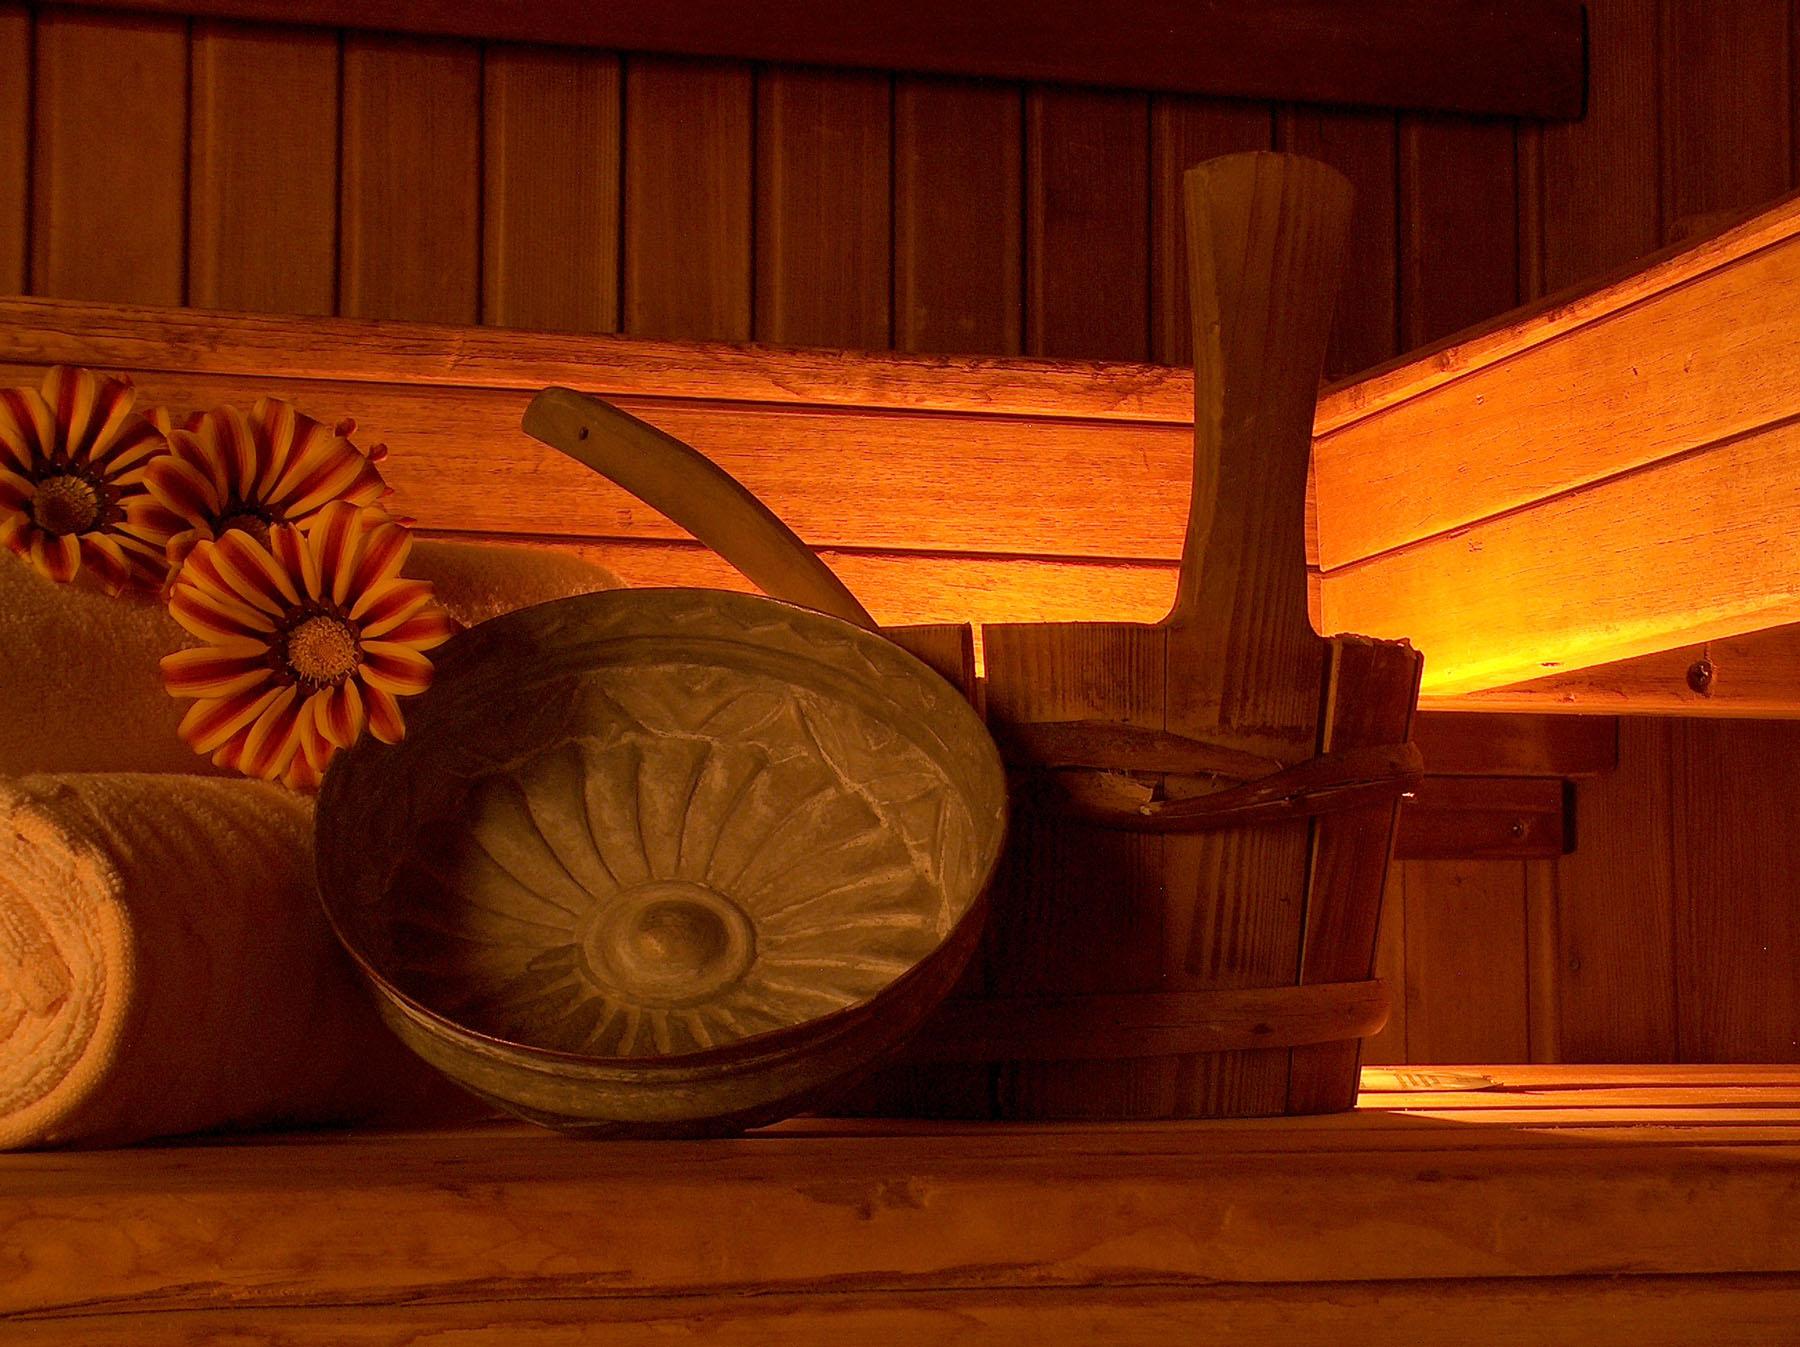 Saunazubehör beim Saunagang